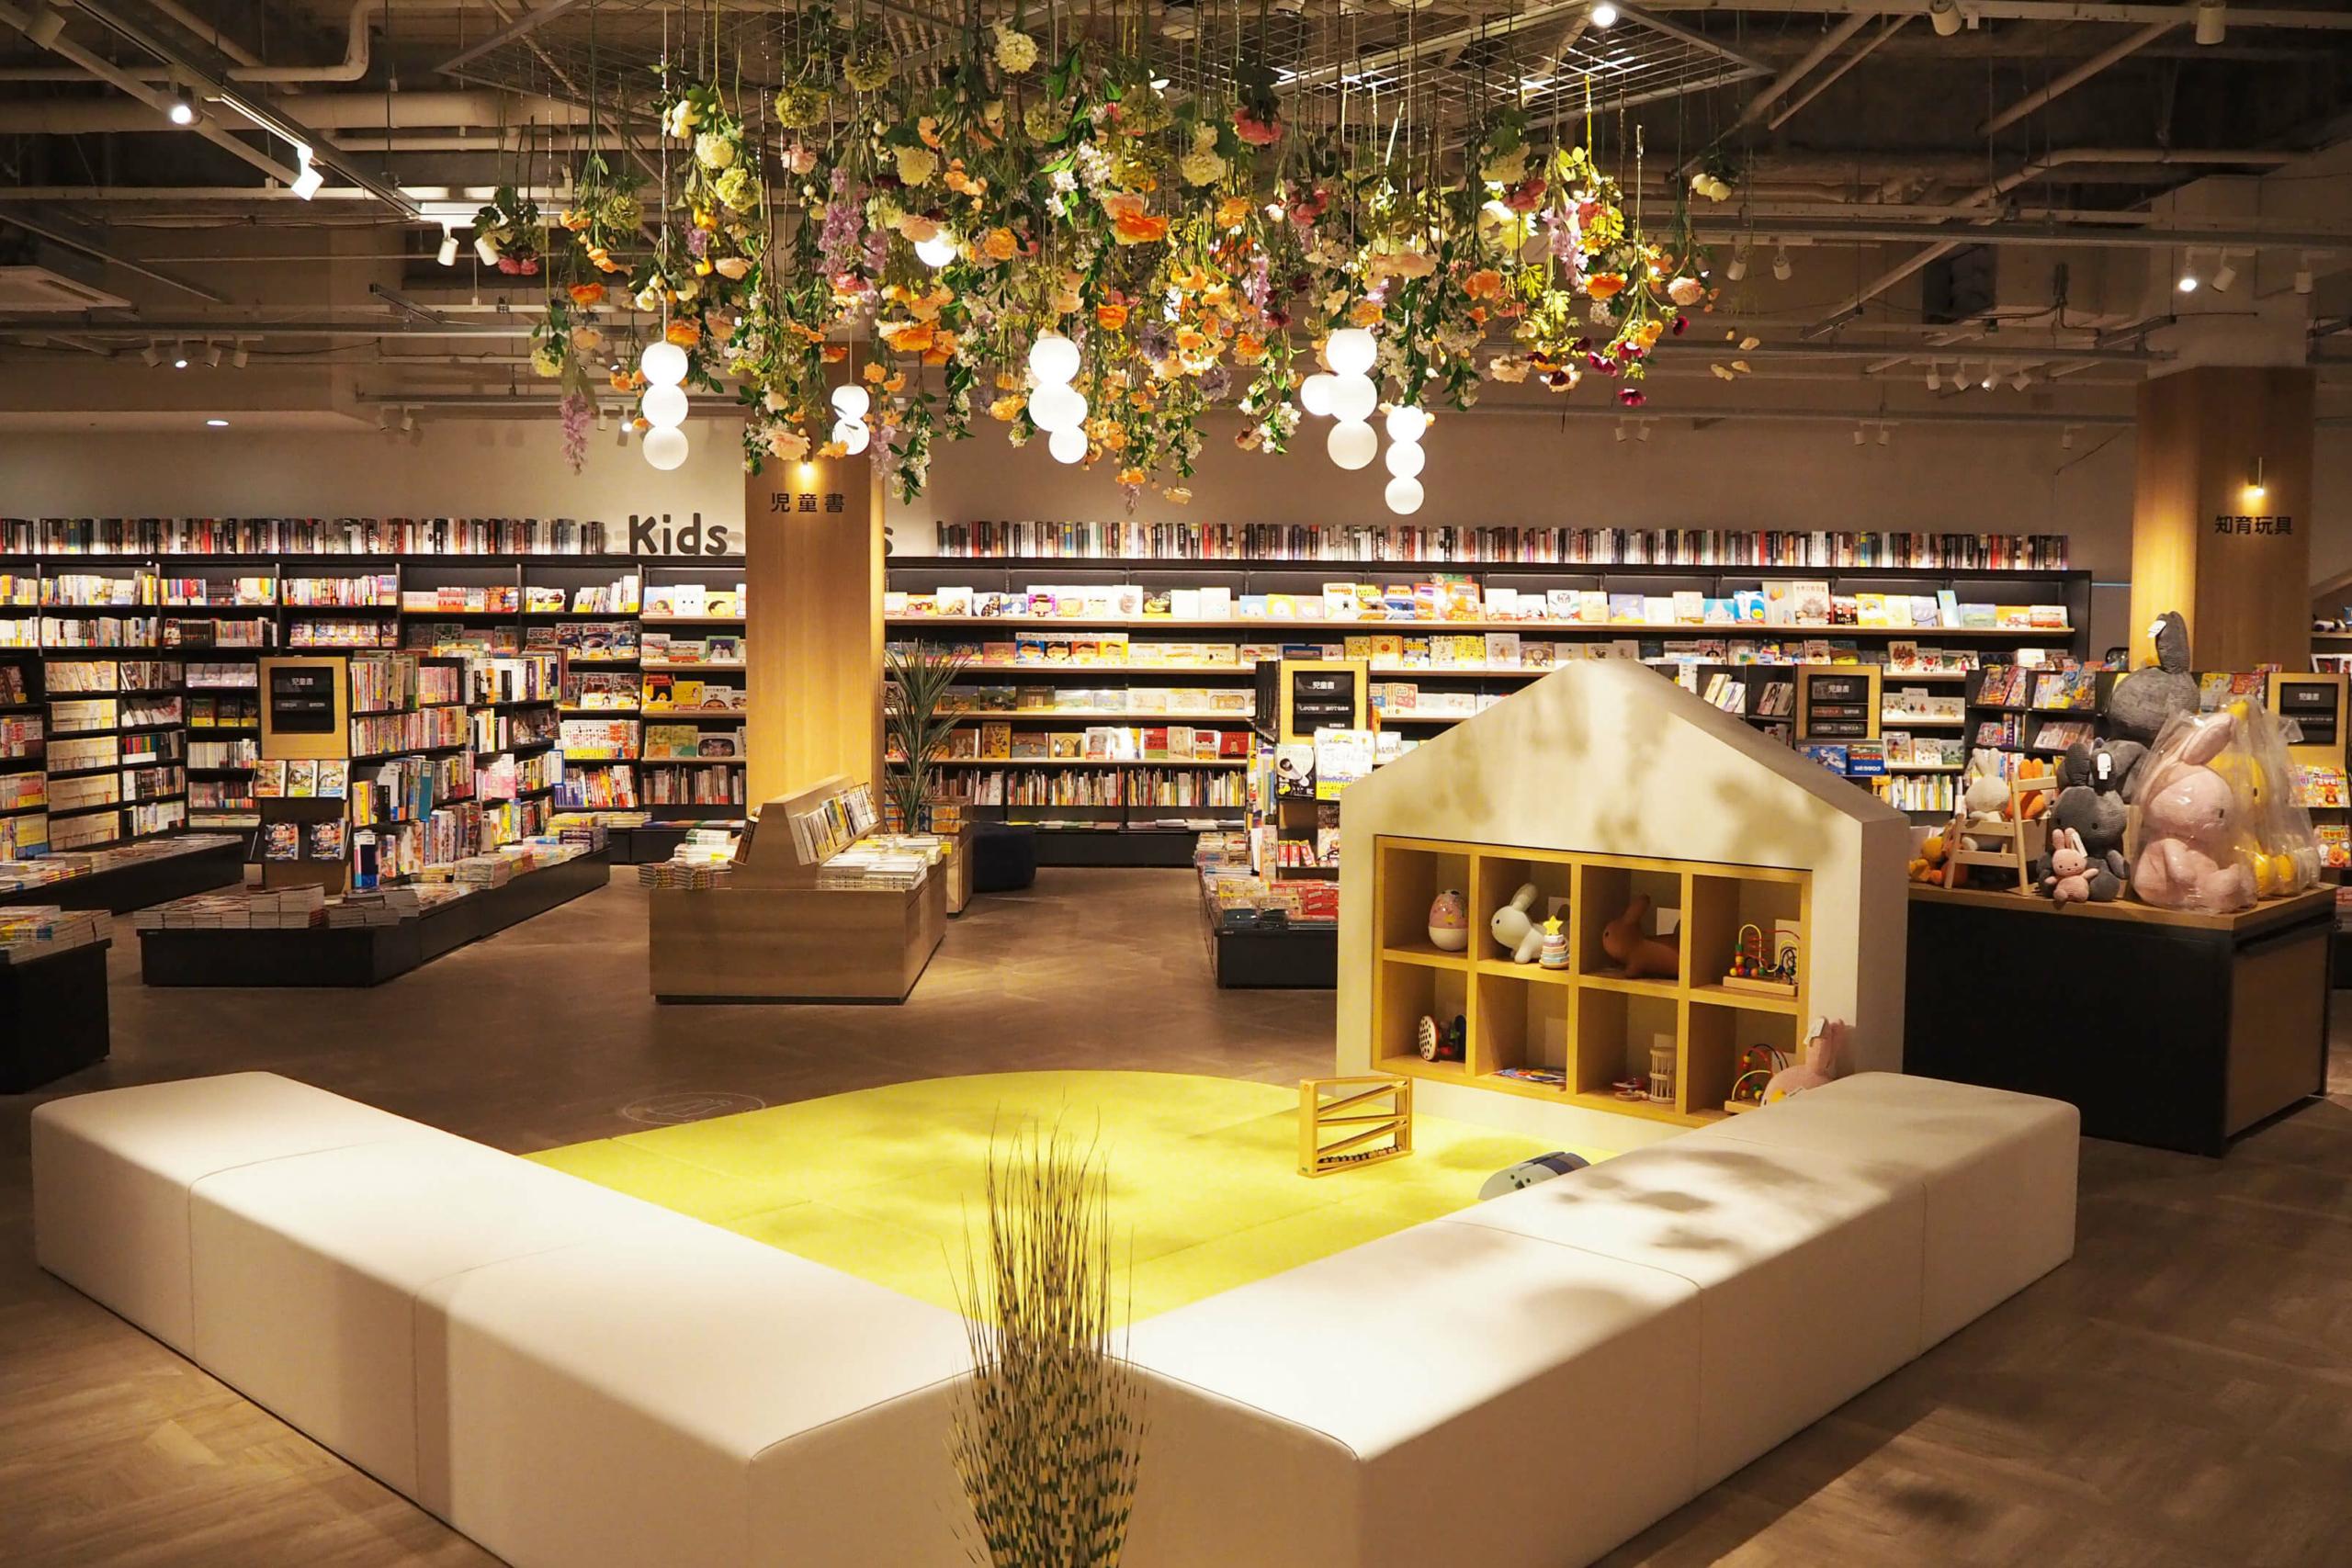 キッズスペースでは、絵本などの読み聞かせが可能。すぐ横には児童書コーナーも